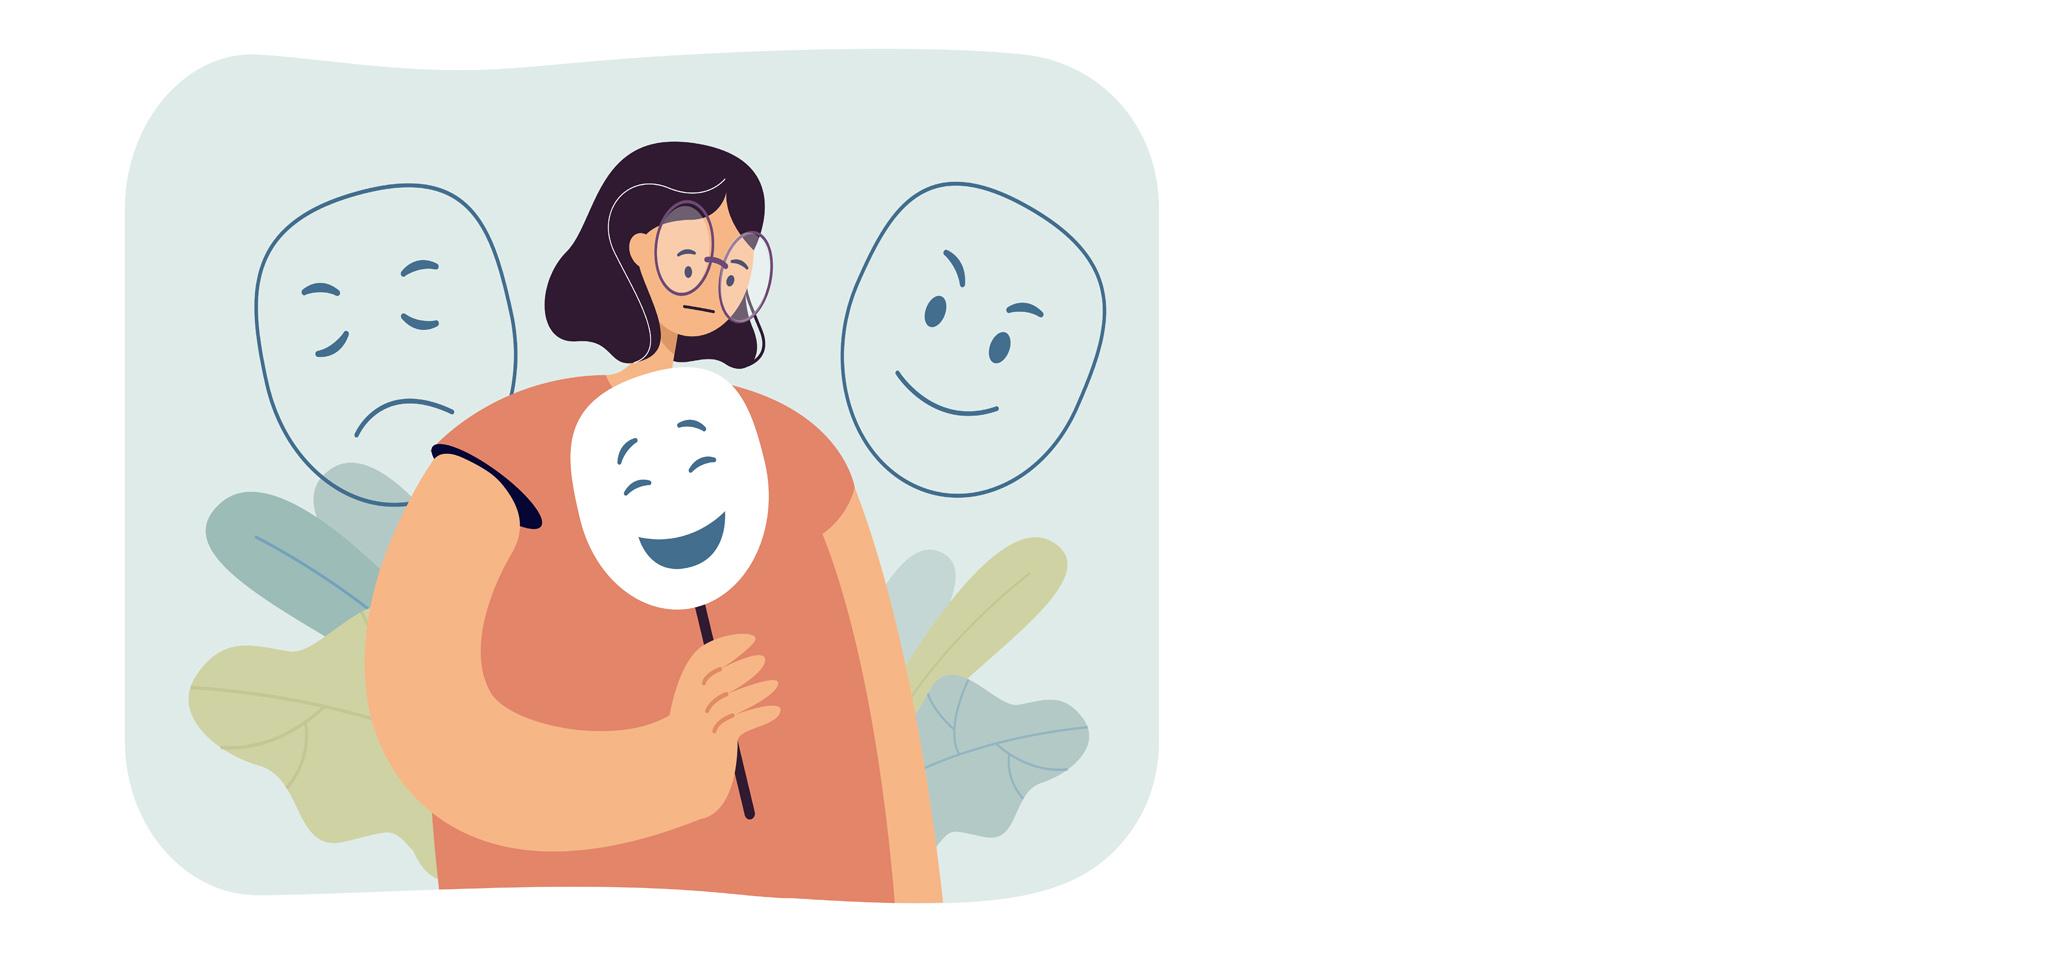 szkolenie o emocjach